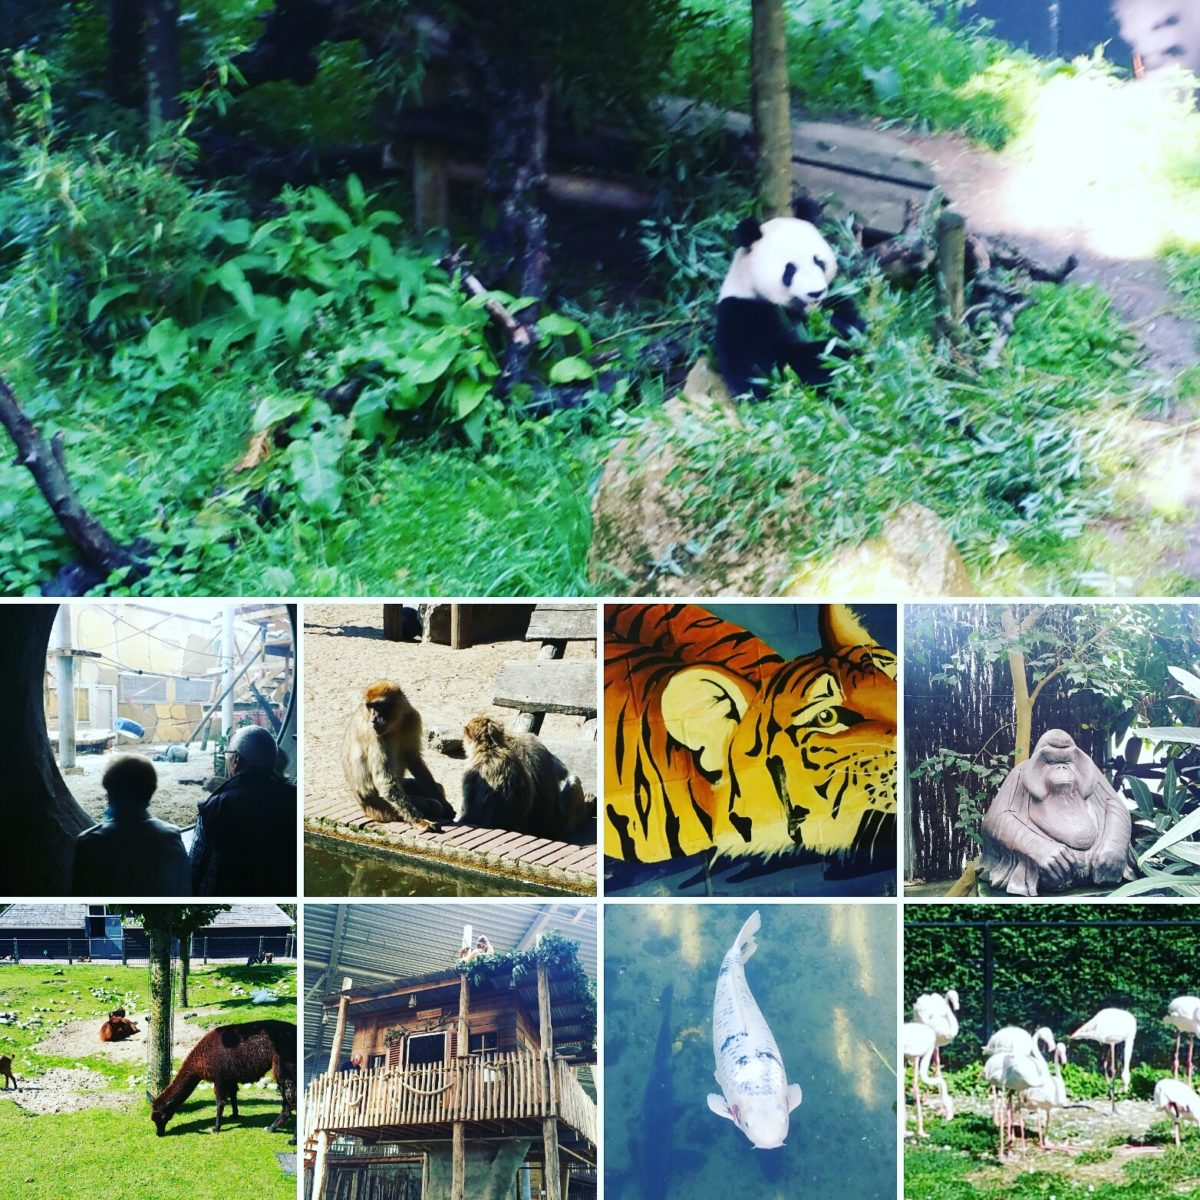 (VIDEO) Bezoekje aan Ouwehands Dierenpark in Rhenen